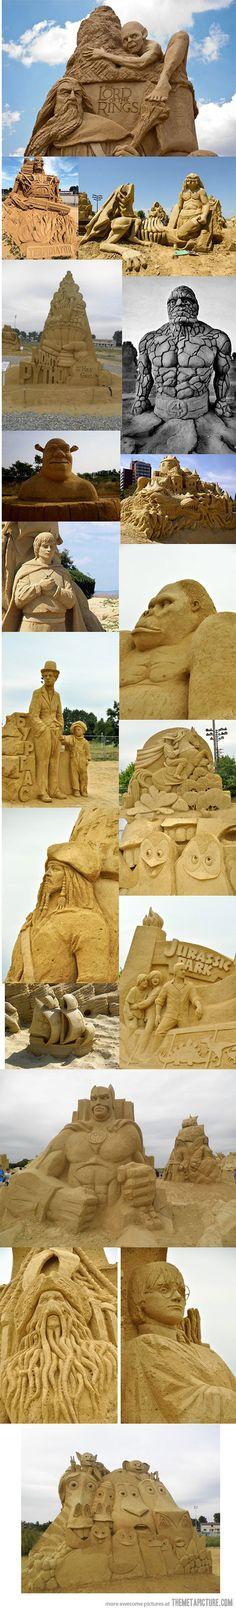 Bulgarian sand sculptures